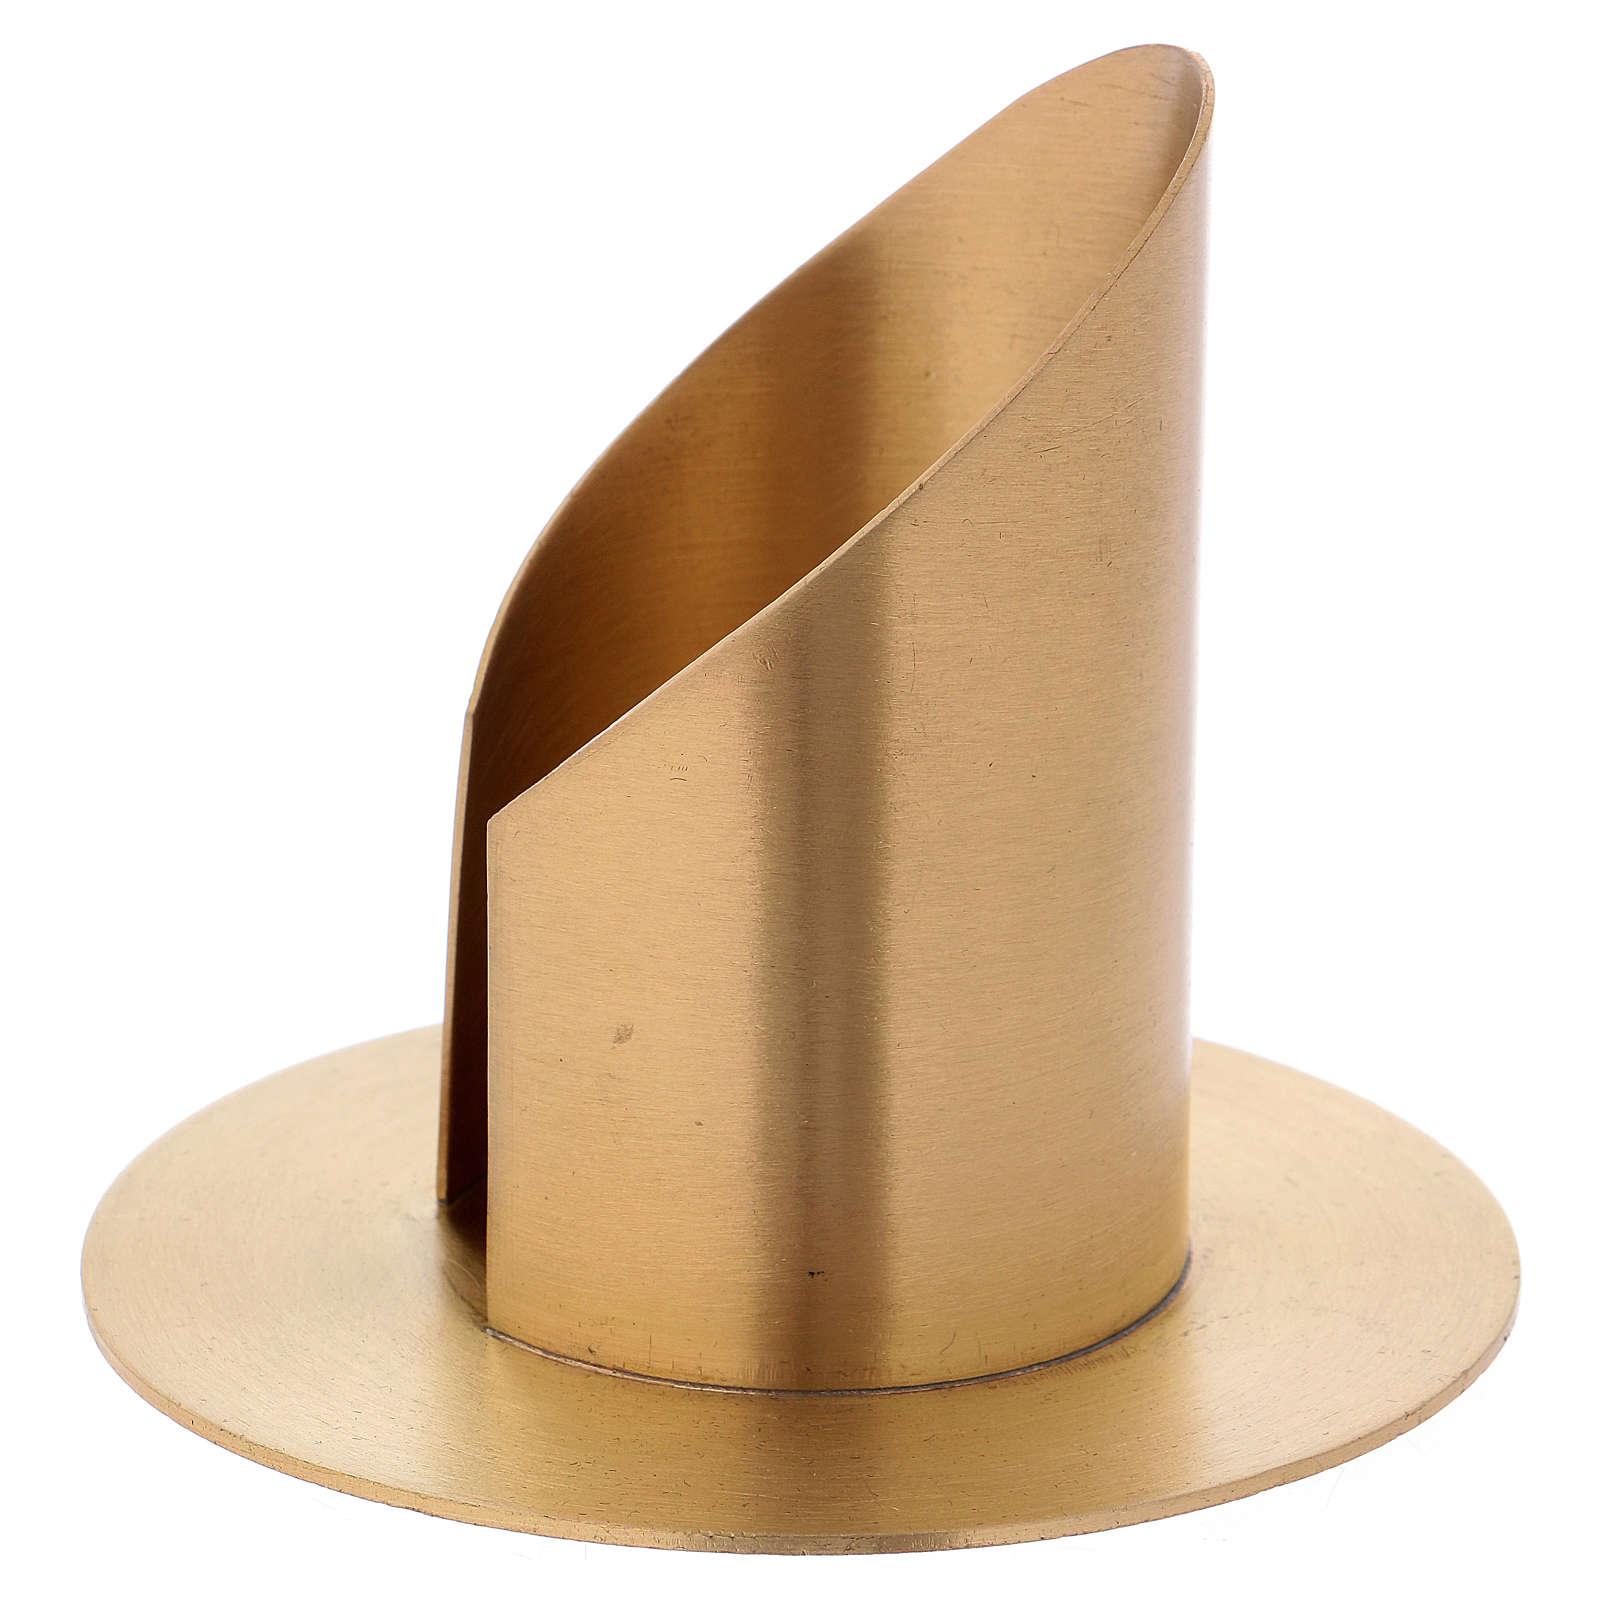 Portacandela a forma tubolare con apertura in ottone dorato d. 6 cm 4